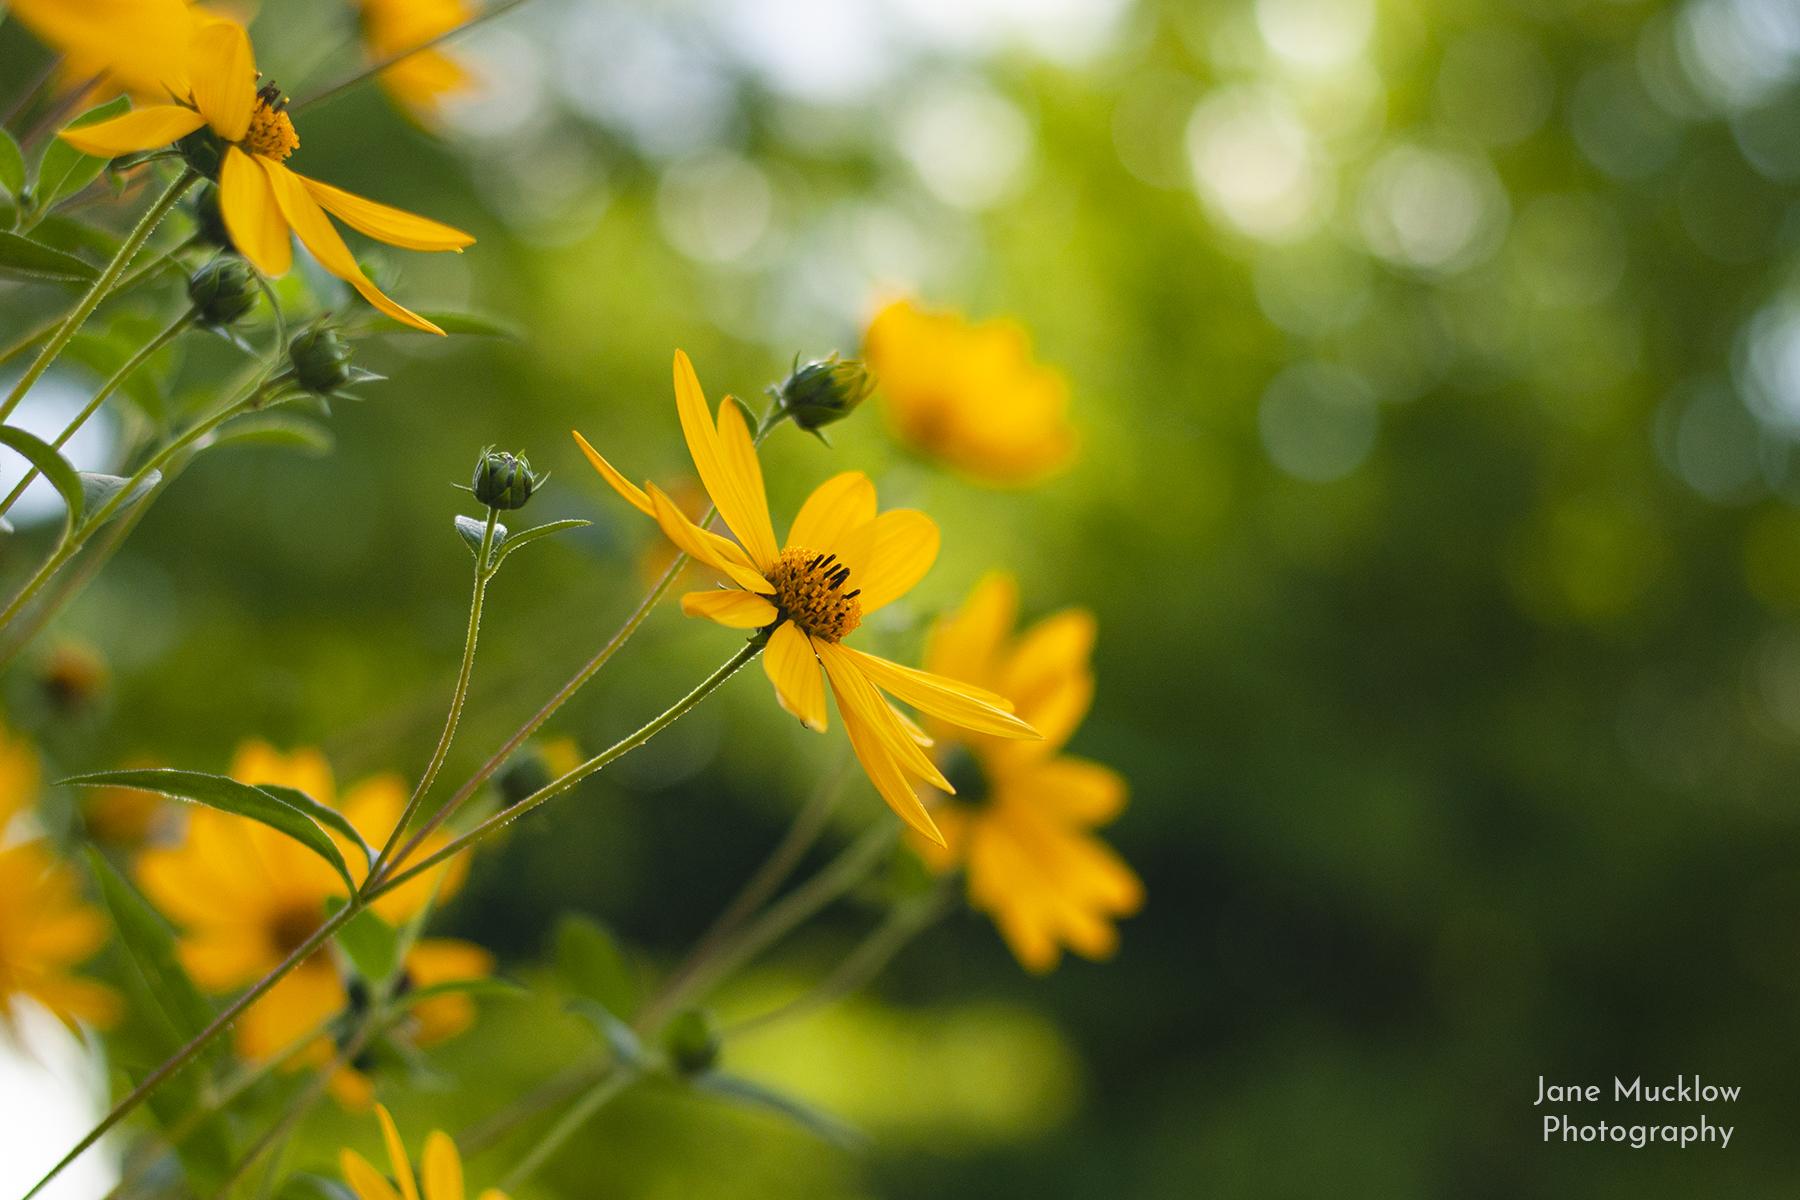 Photo of yellow mini sunflowers, by Jane Mucklow